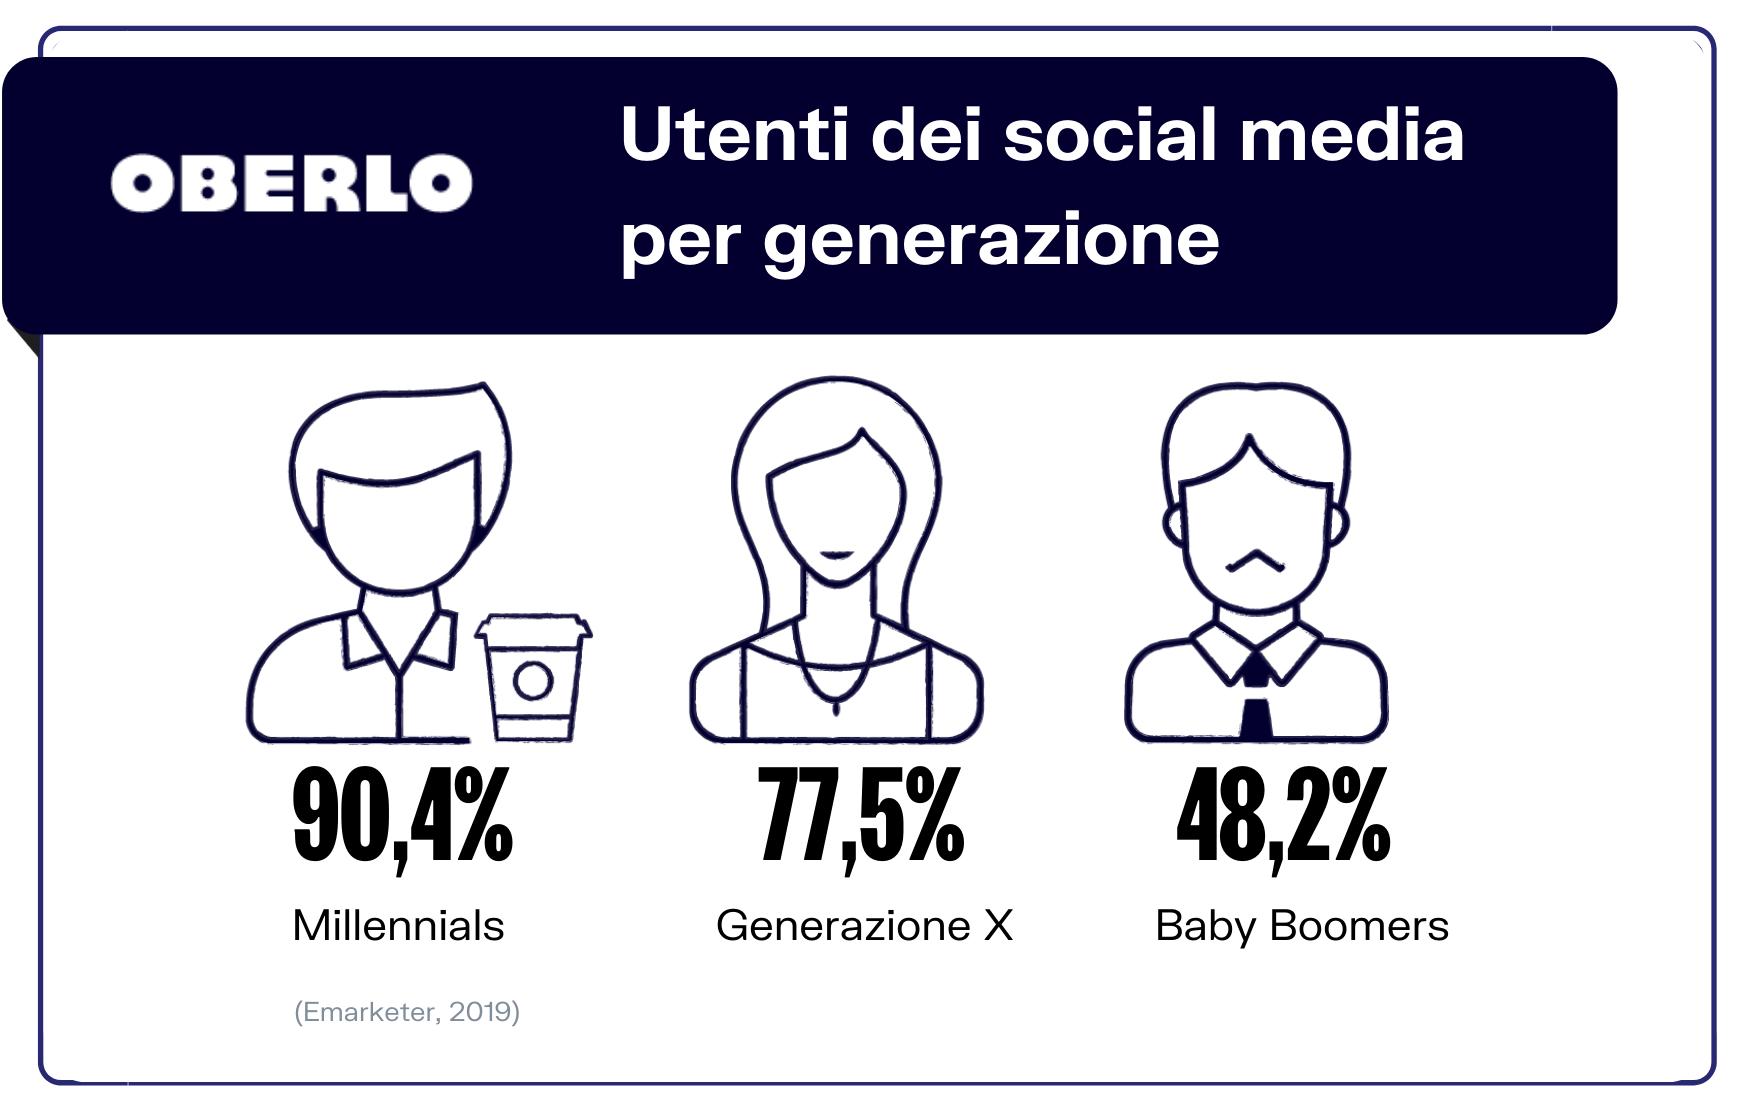 utenti per generazione